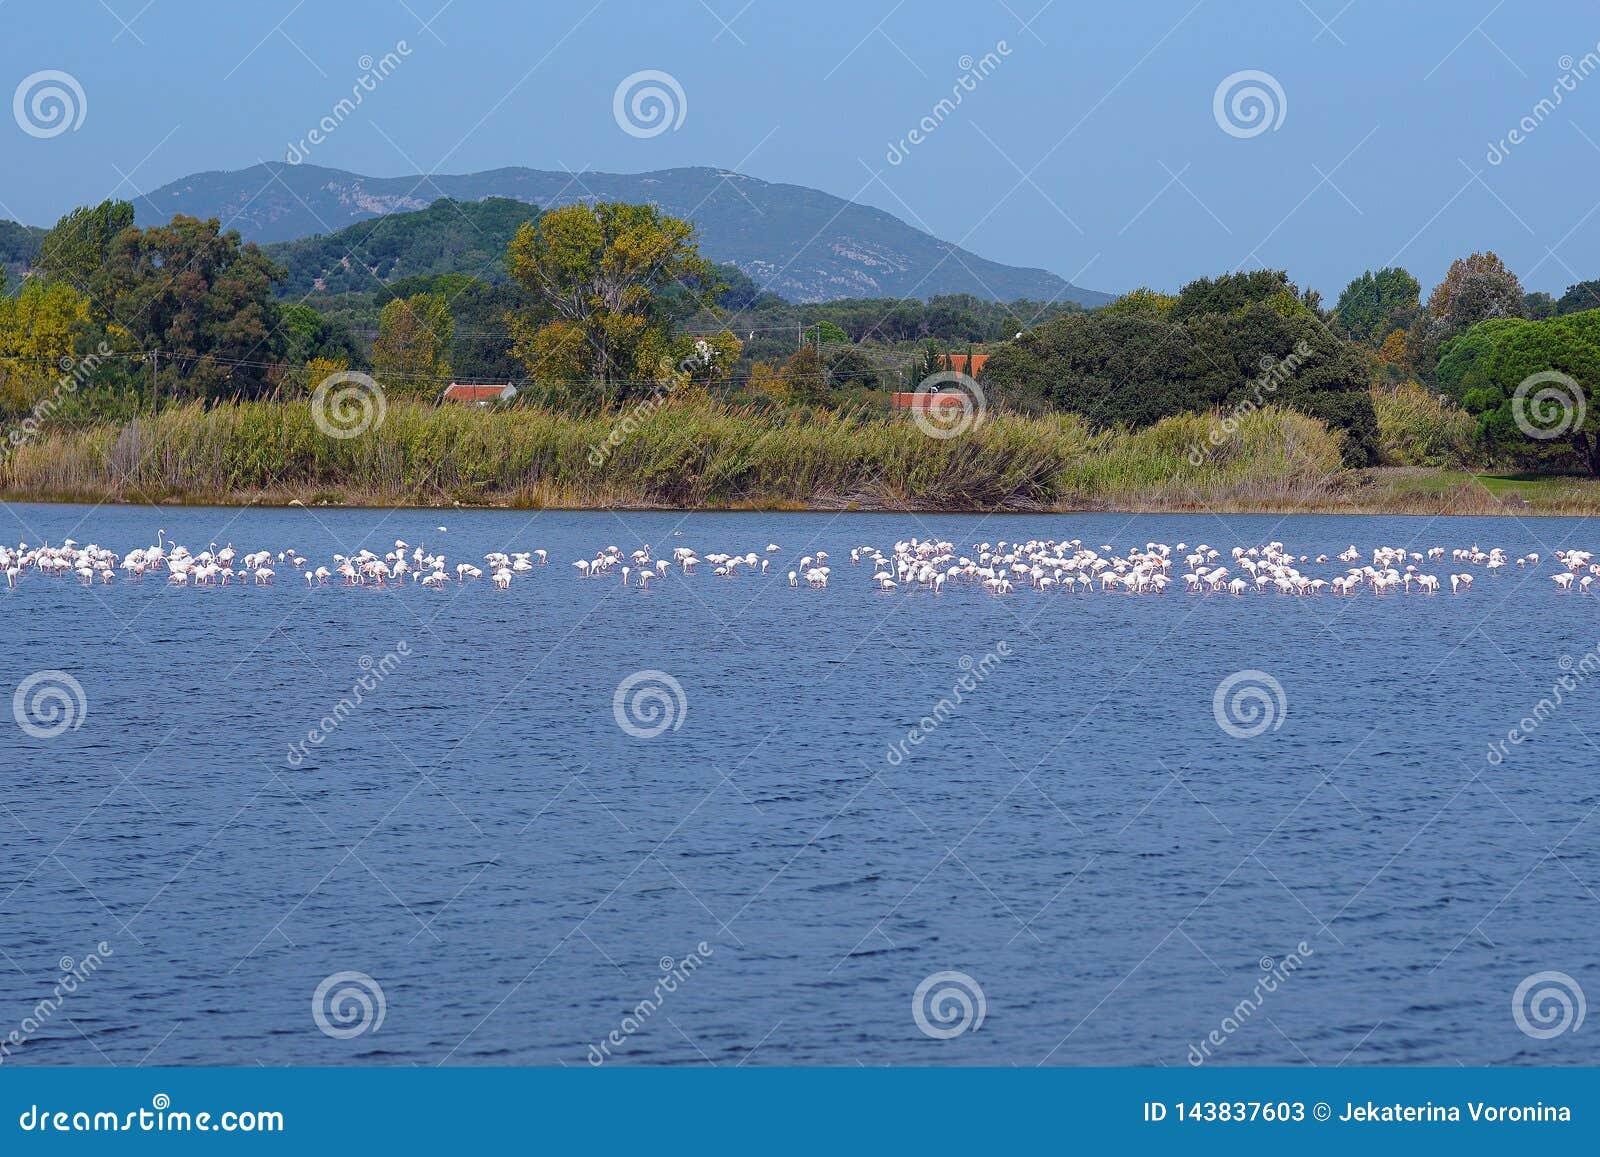 Jeziorny Korission jest bardzo znacząco ekosystemem Corfu, dokąd wiele ptaki migrujący jak różowi flamingi zatrzymują